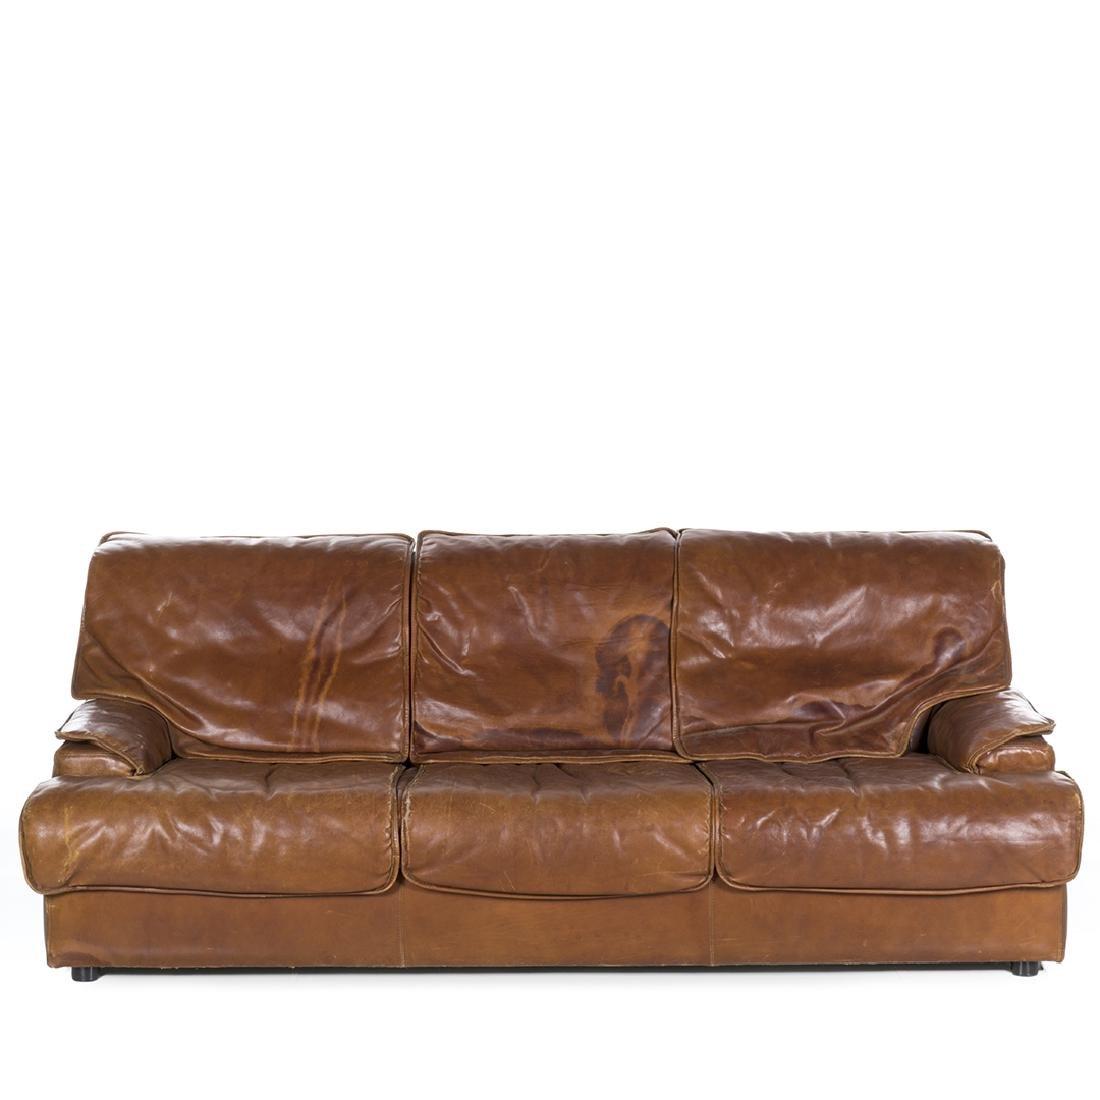 Saporiti Style Leather Sofa